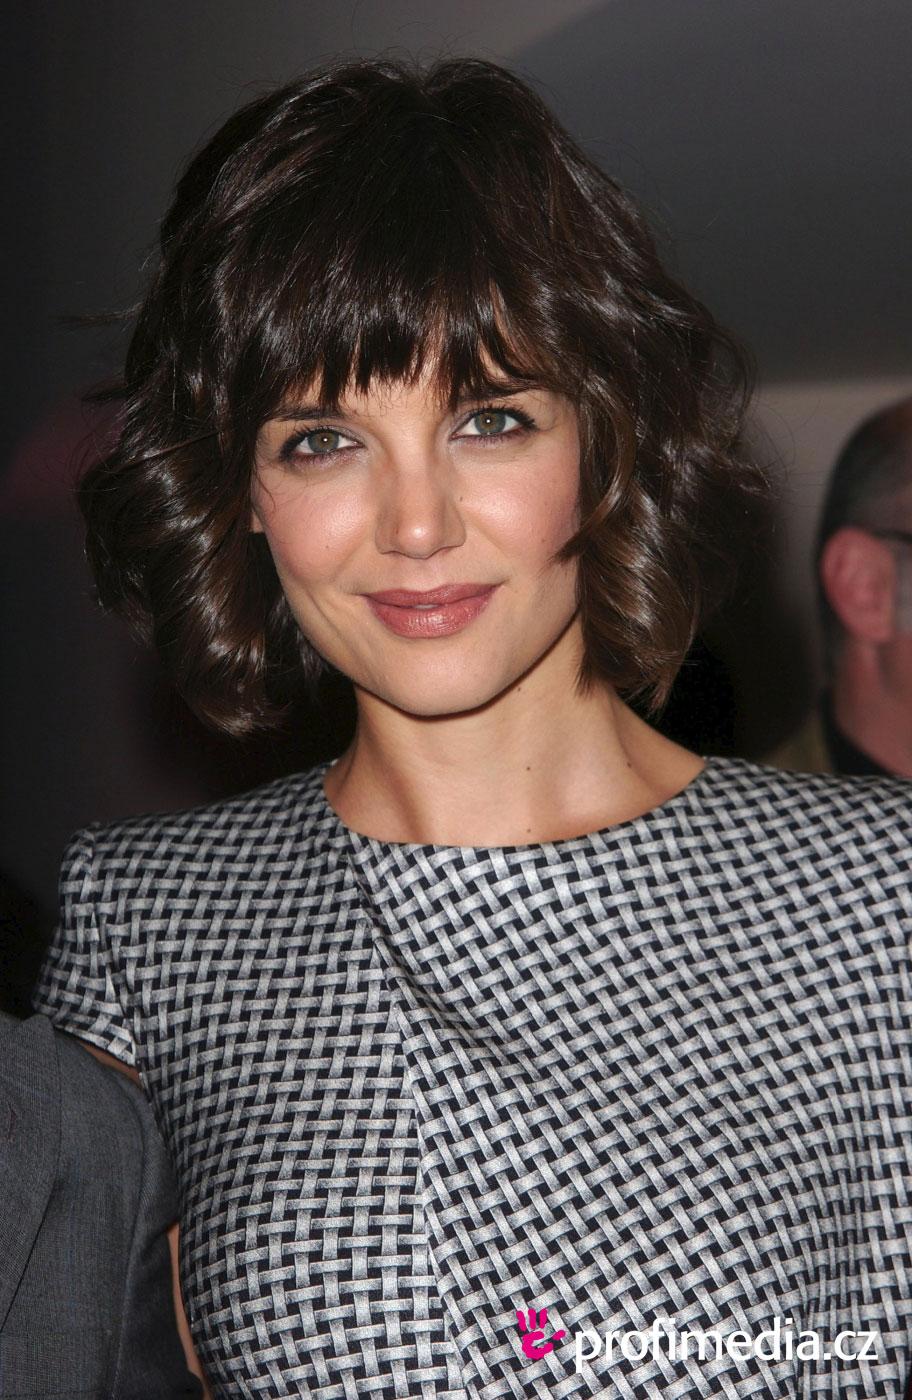 Katie Holmes Frisur Zum Ausprobieren In EFrisuren